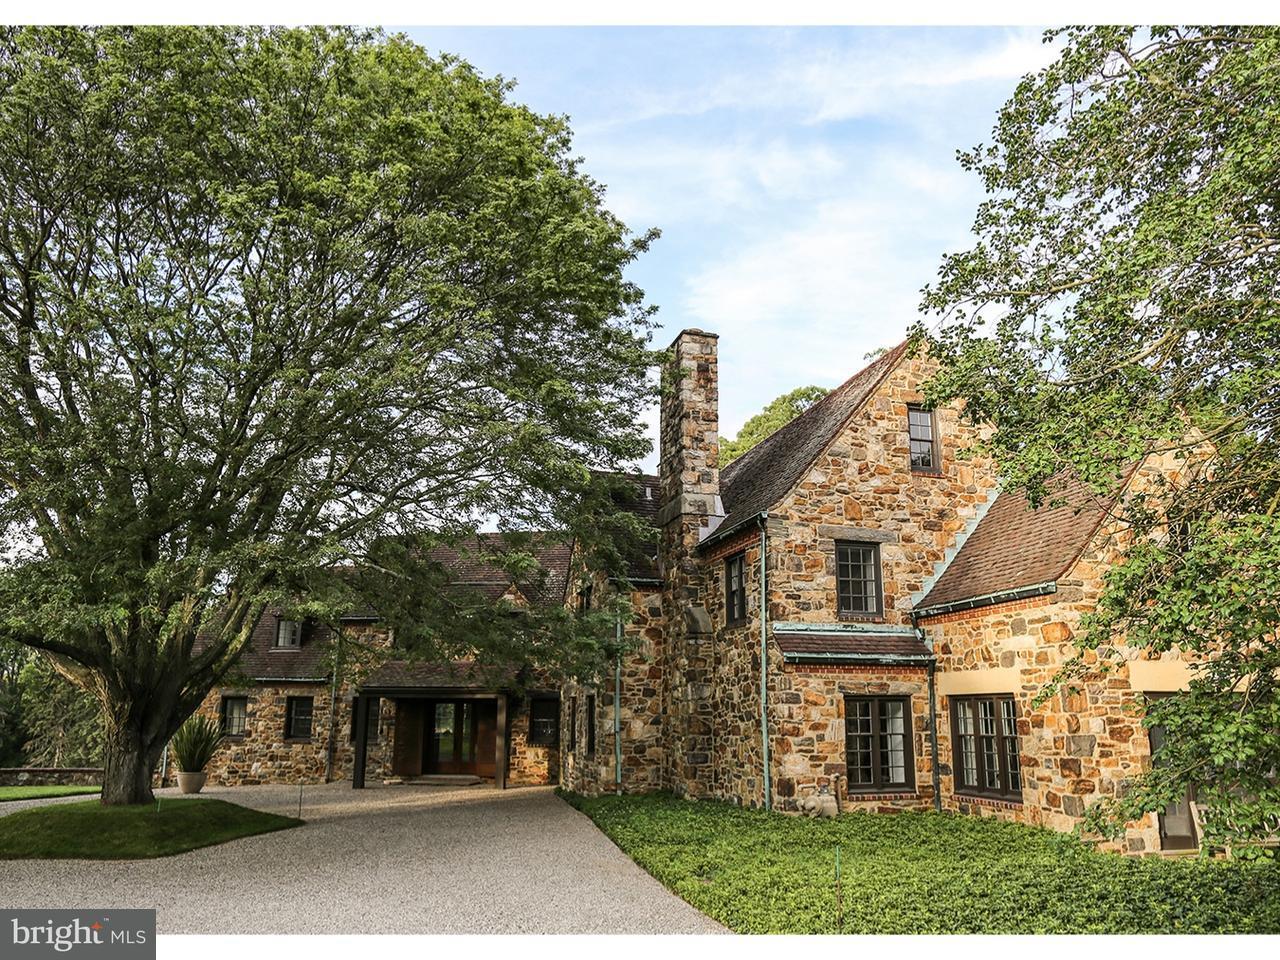 Частный односемейный дом для того Продажа на CHERRY Lane Wynnewood, Пенсильвания 19096 Соединенные Штаты